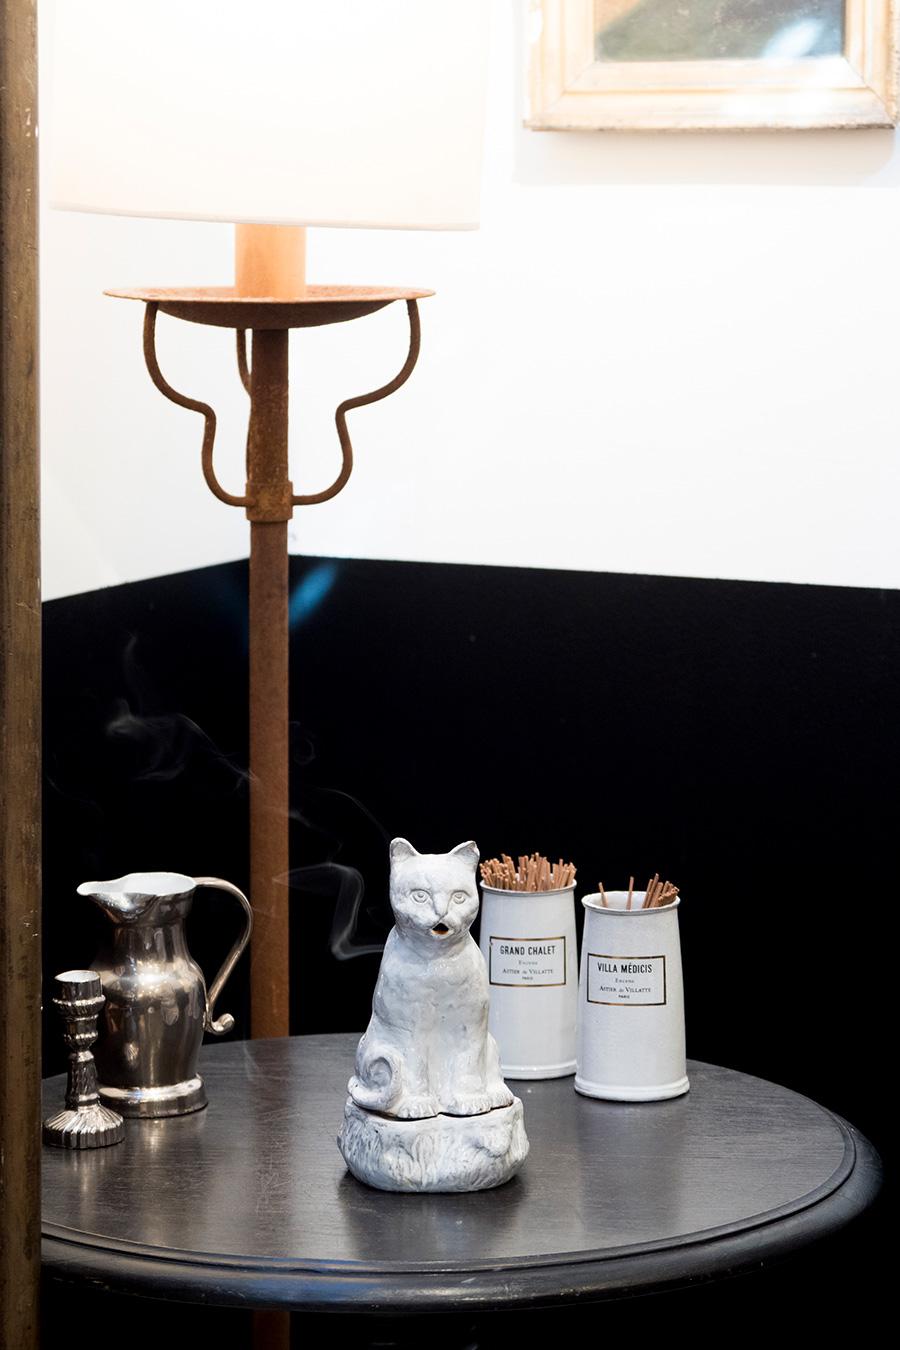 猫のインセンスホルダー (セツコ・コレクション)  ¥38,000 1960年代初頭にバルテュスがデザインした照明を復刻 (参考商品)